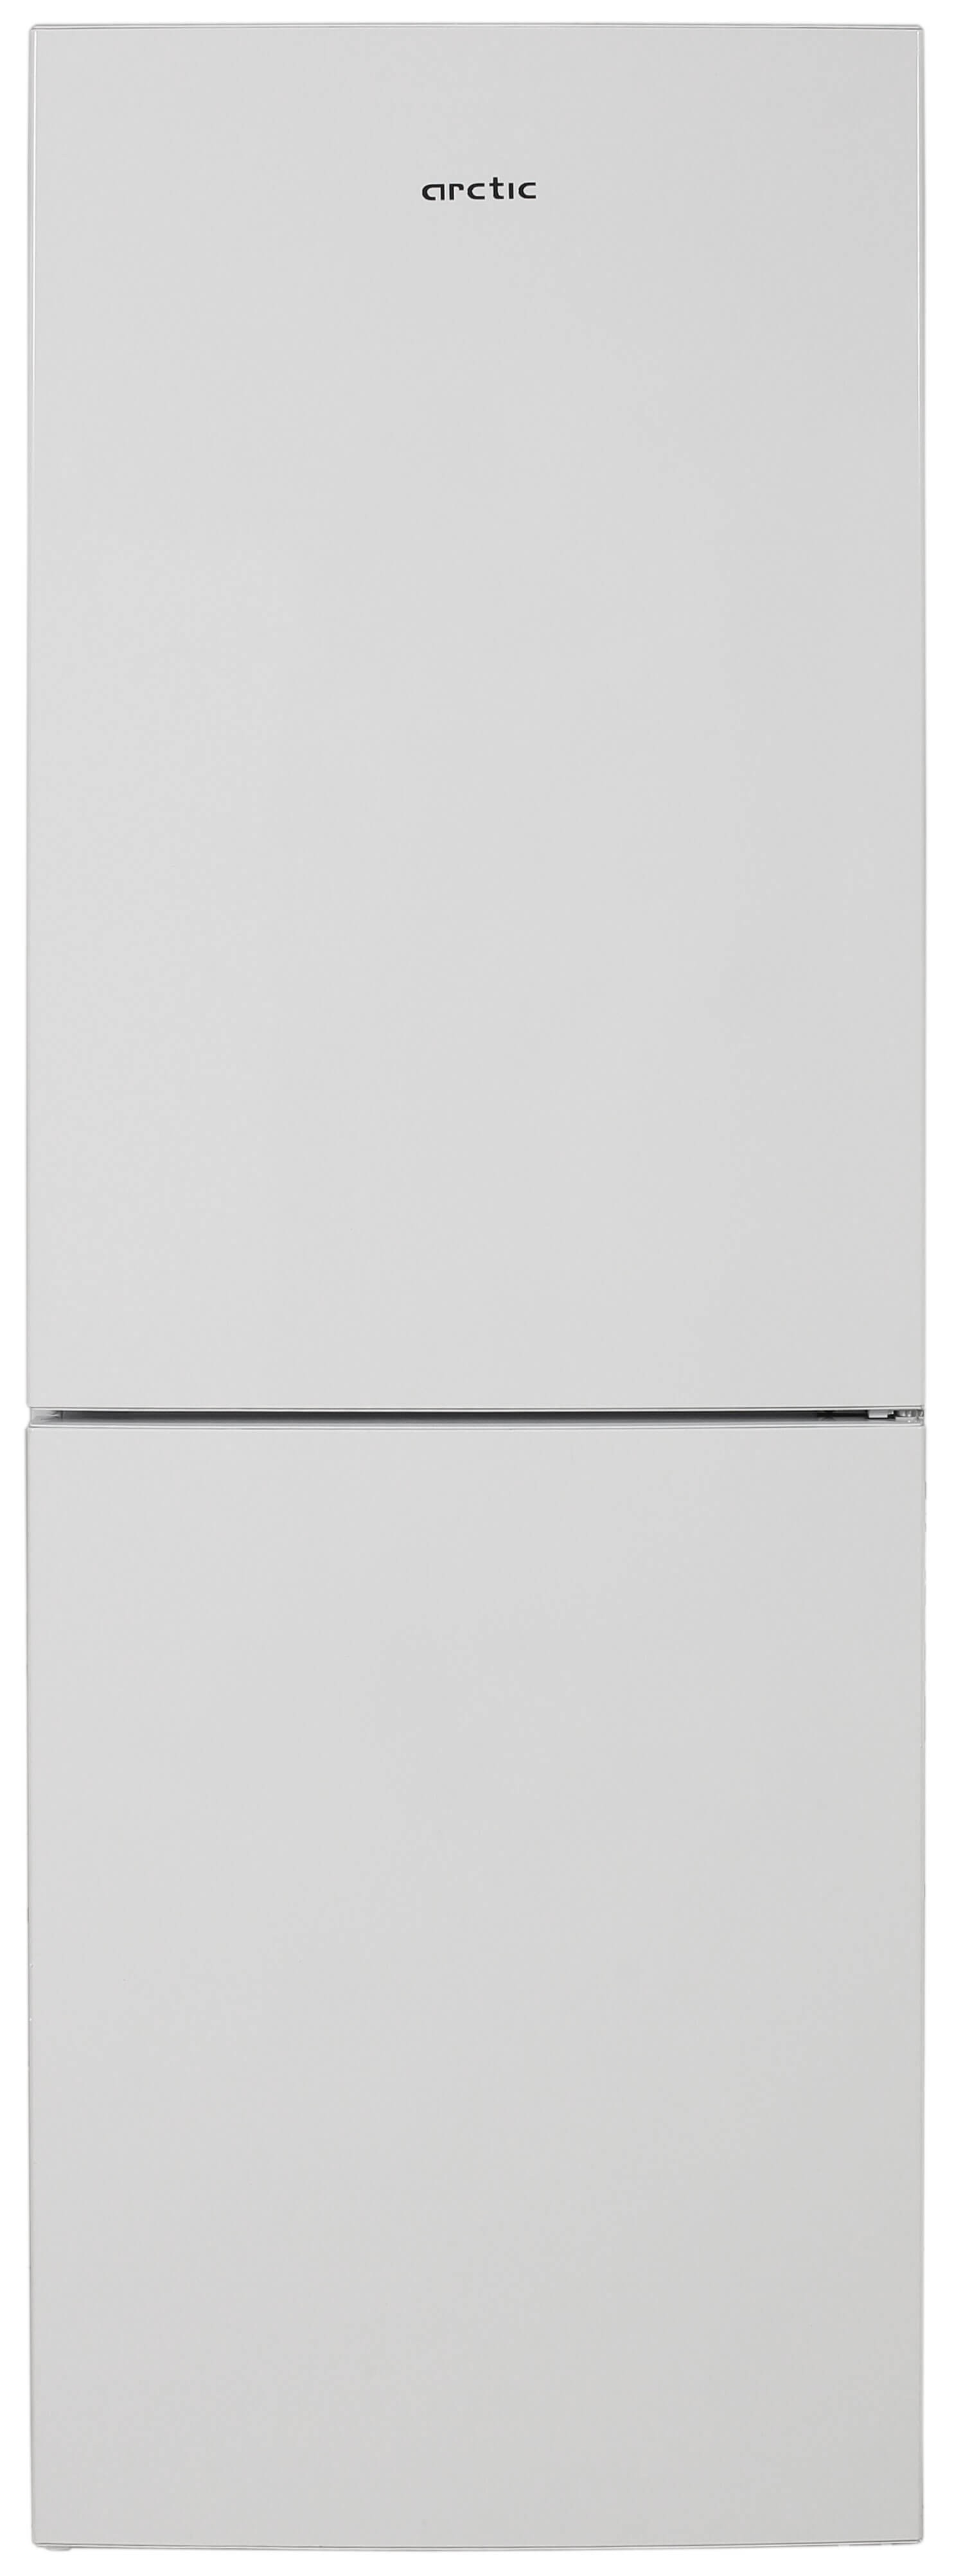 Combina frigorifica, Arctic, AK60365NF+, 365 l, Clasa A+, H 185,3 cm, Alb